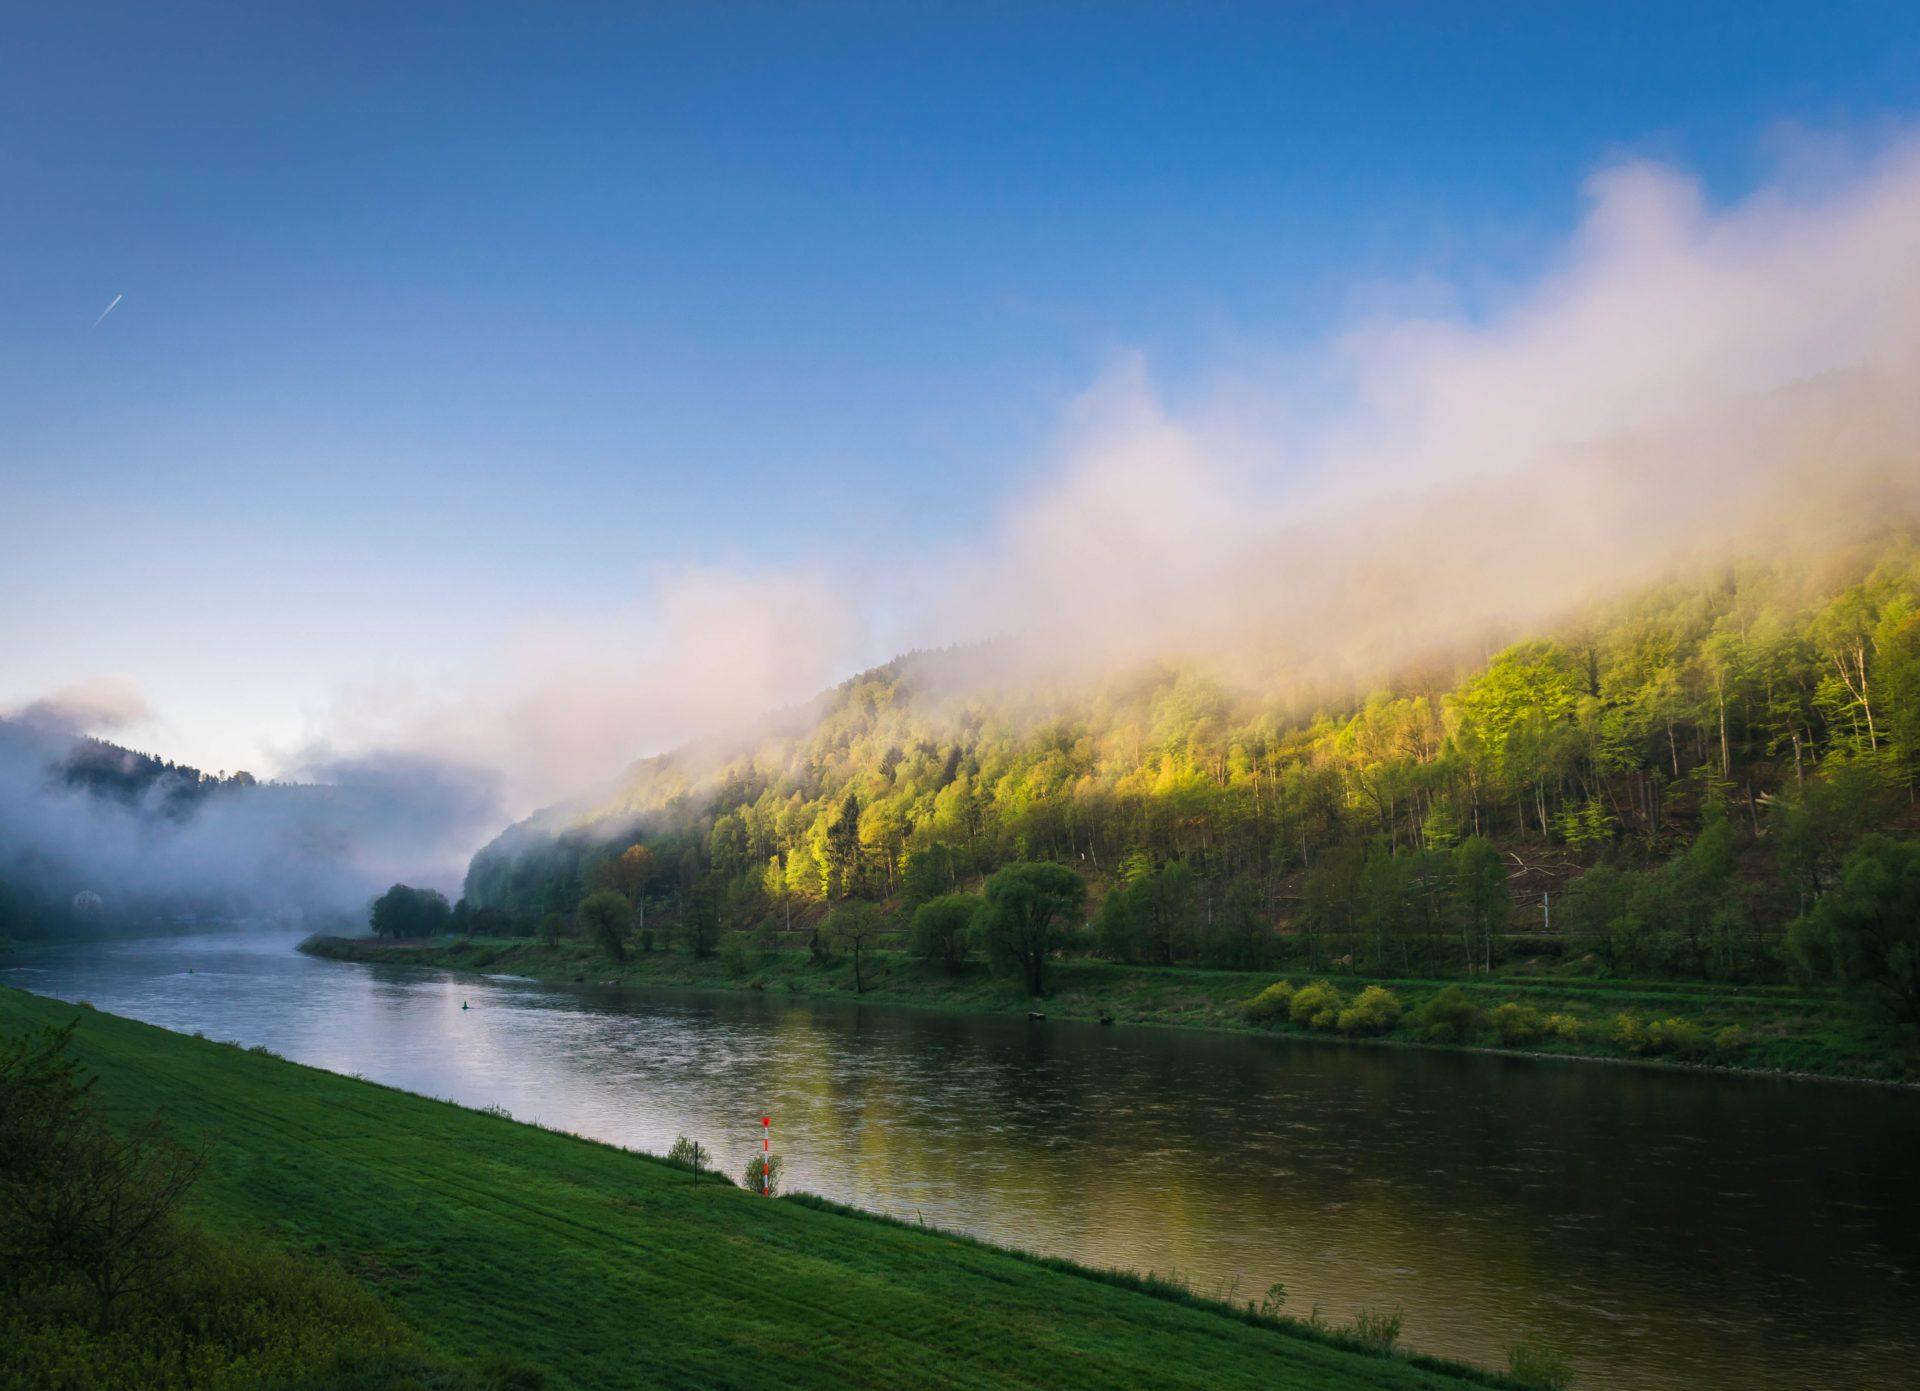 Teil 2: Deutschlands atemberaubende Flüsse. — Die besten Kurzreisetips für sonnige Wintertage.